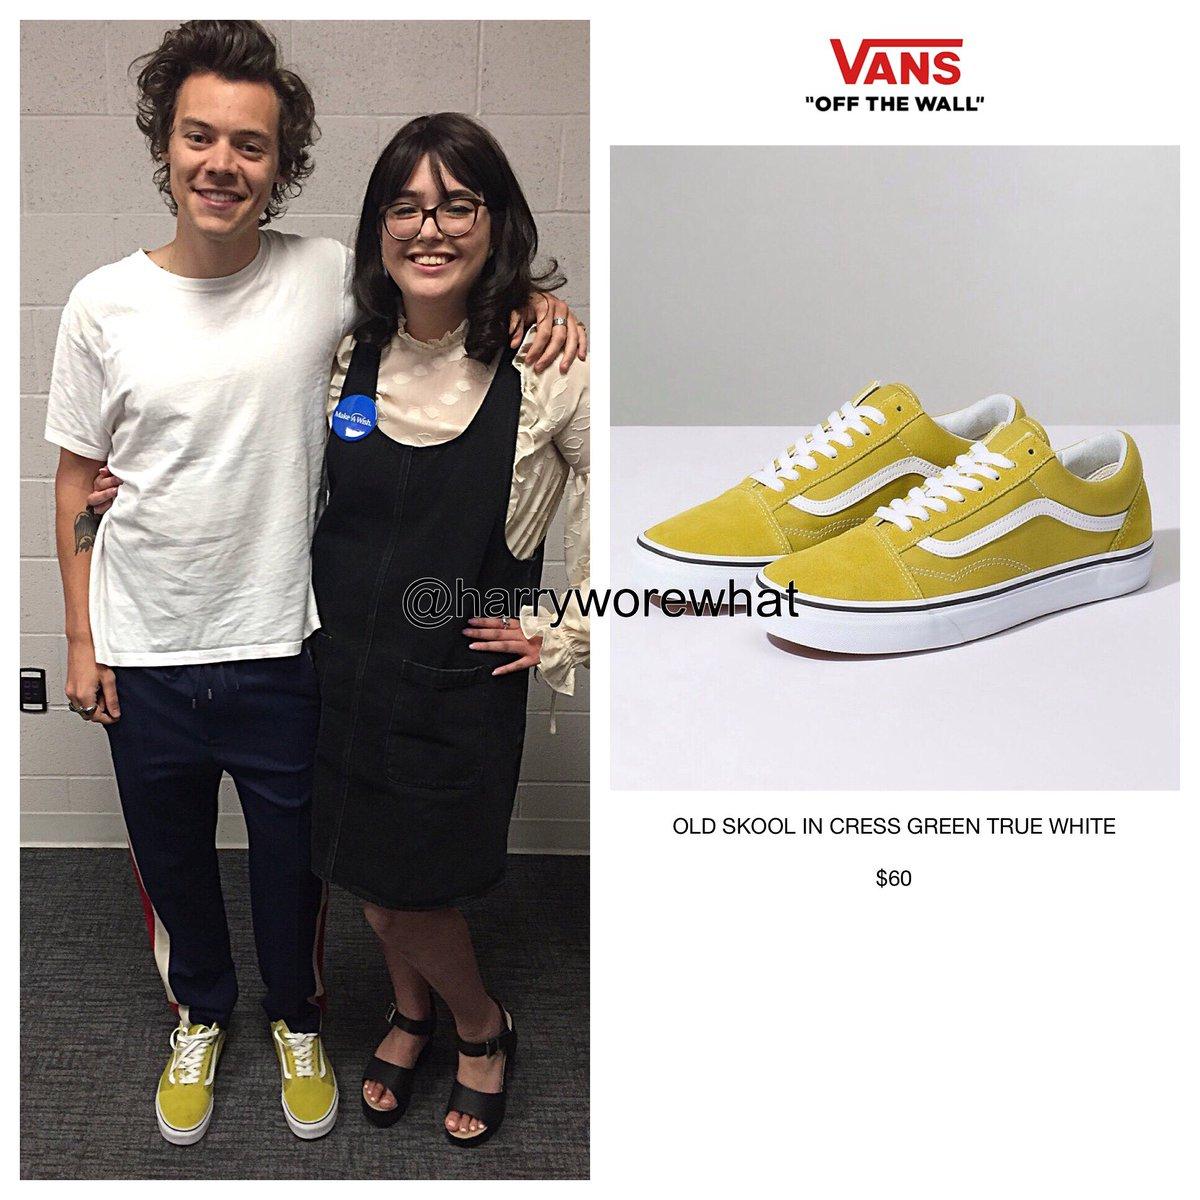 Harry wore $60 #Vans